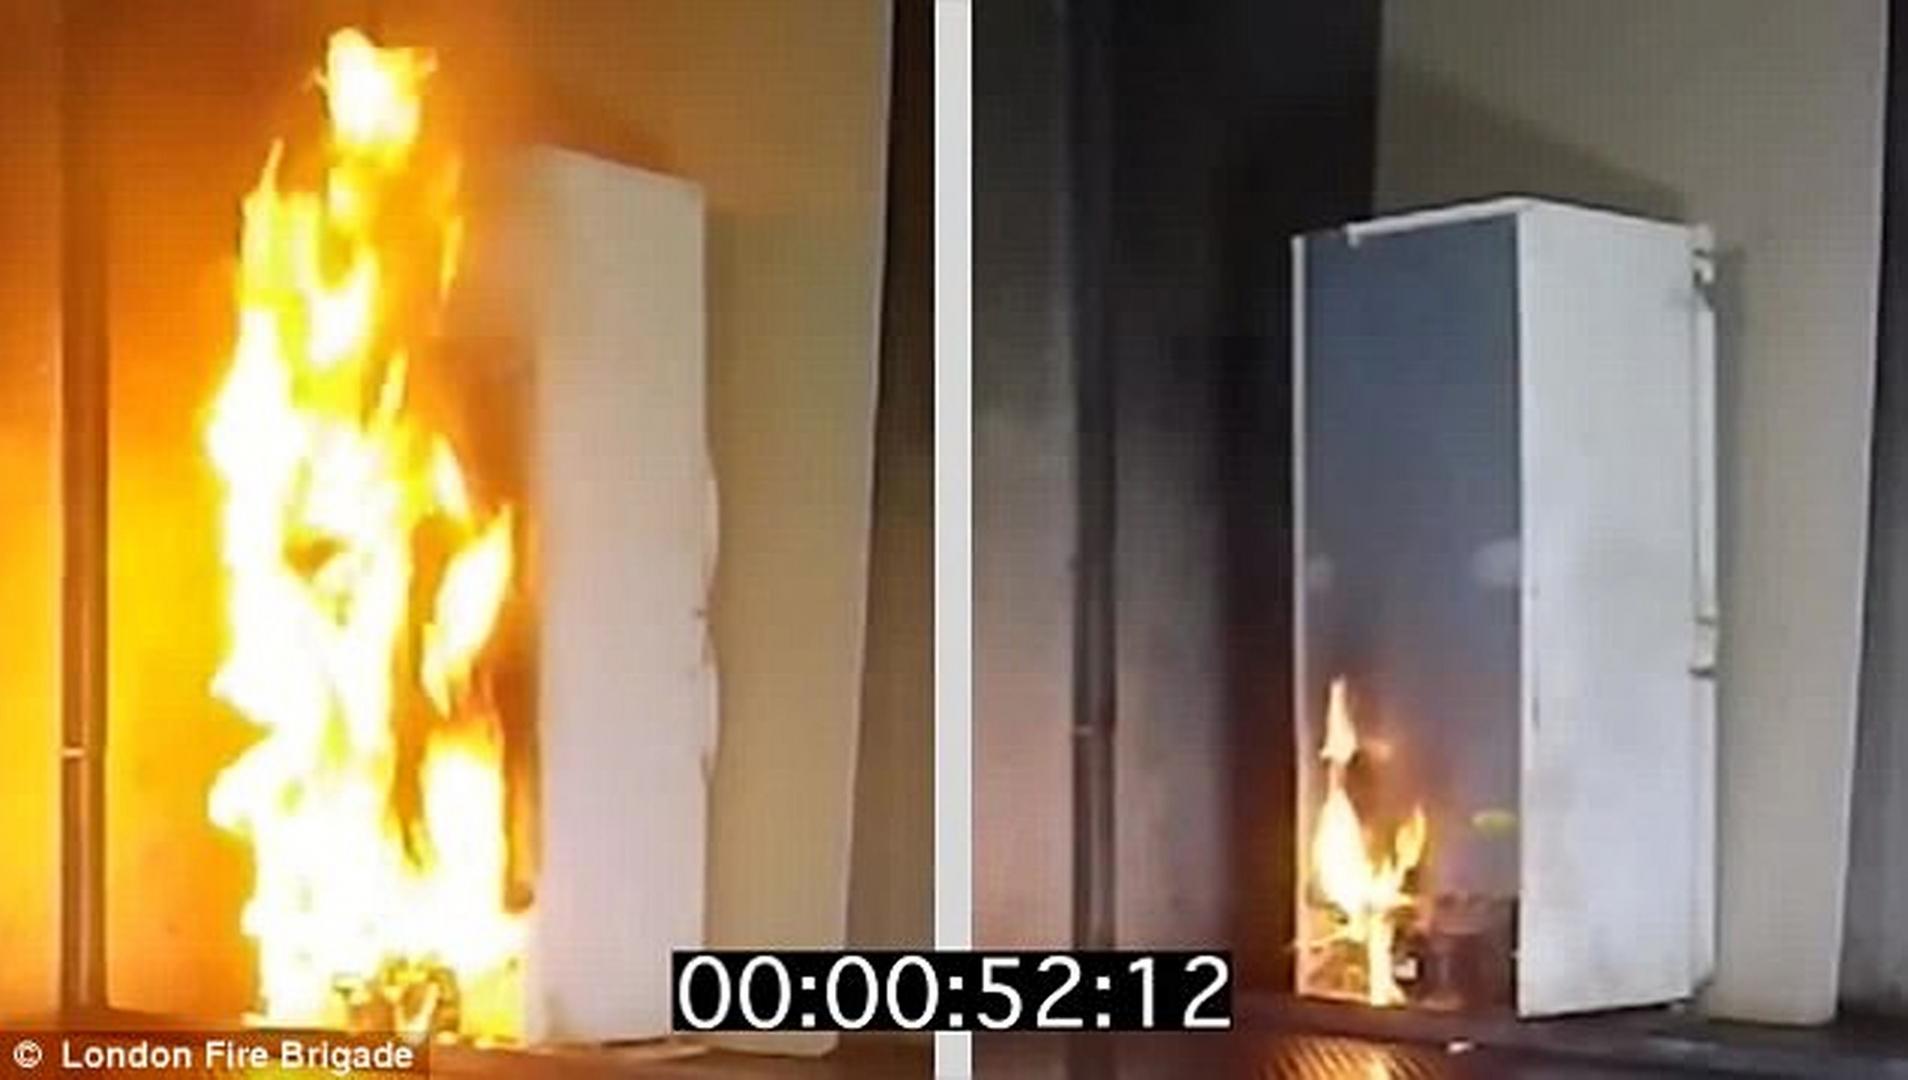 Сравнение горения холодильников Hotpoint с пластмассовым (слева) и металлическим корпусом, проведенное Лондонской пожарной бригадой в феврале 2017 года